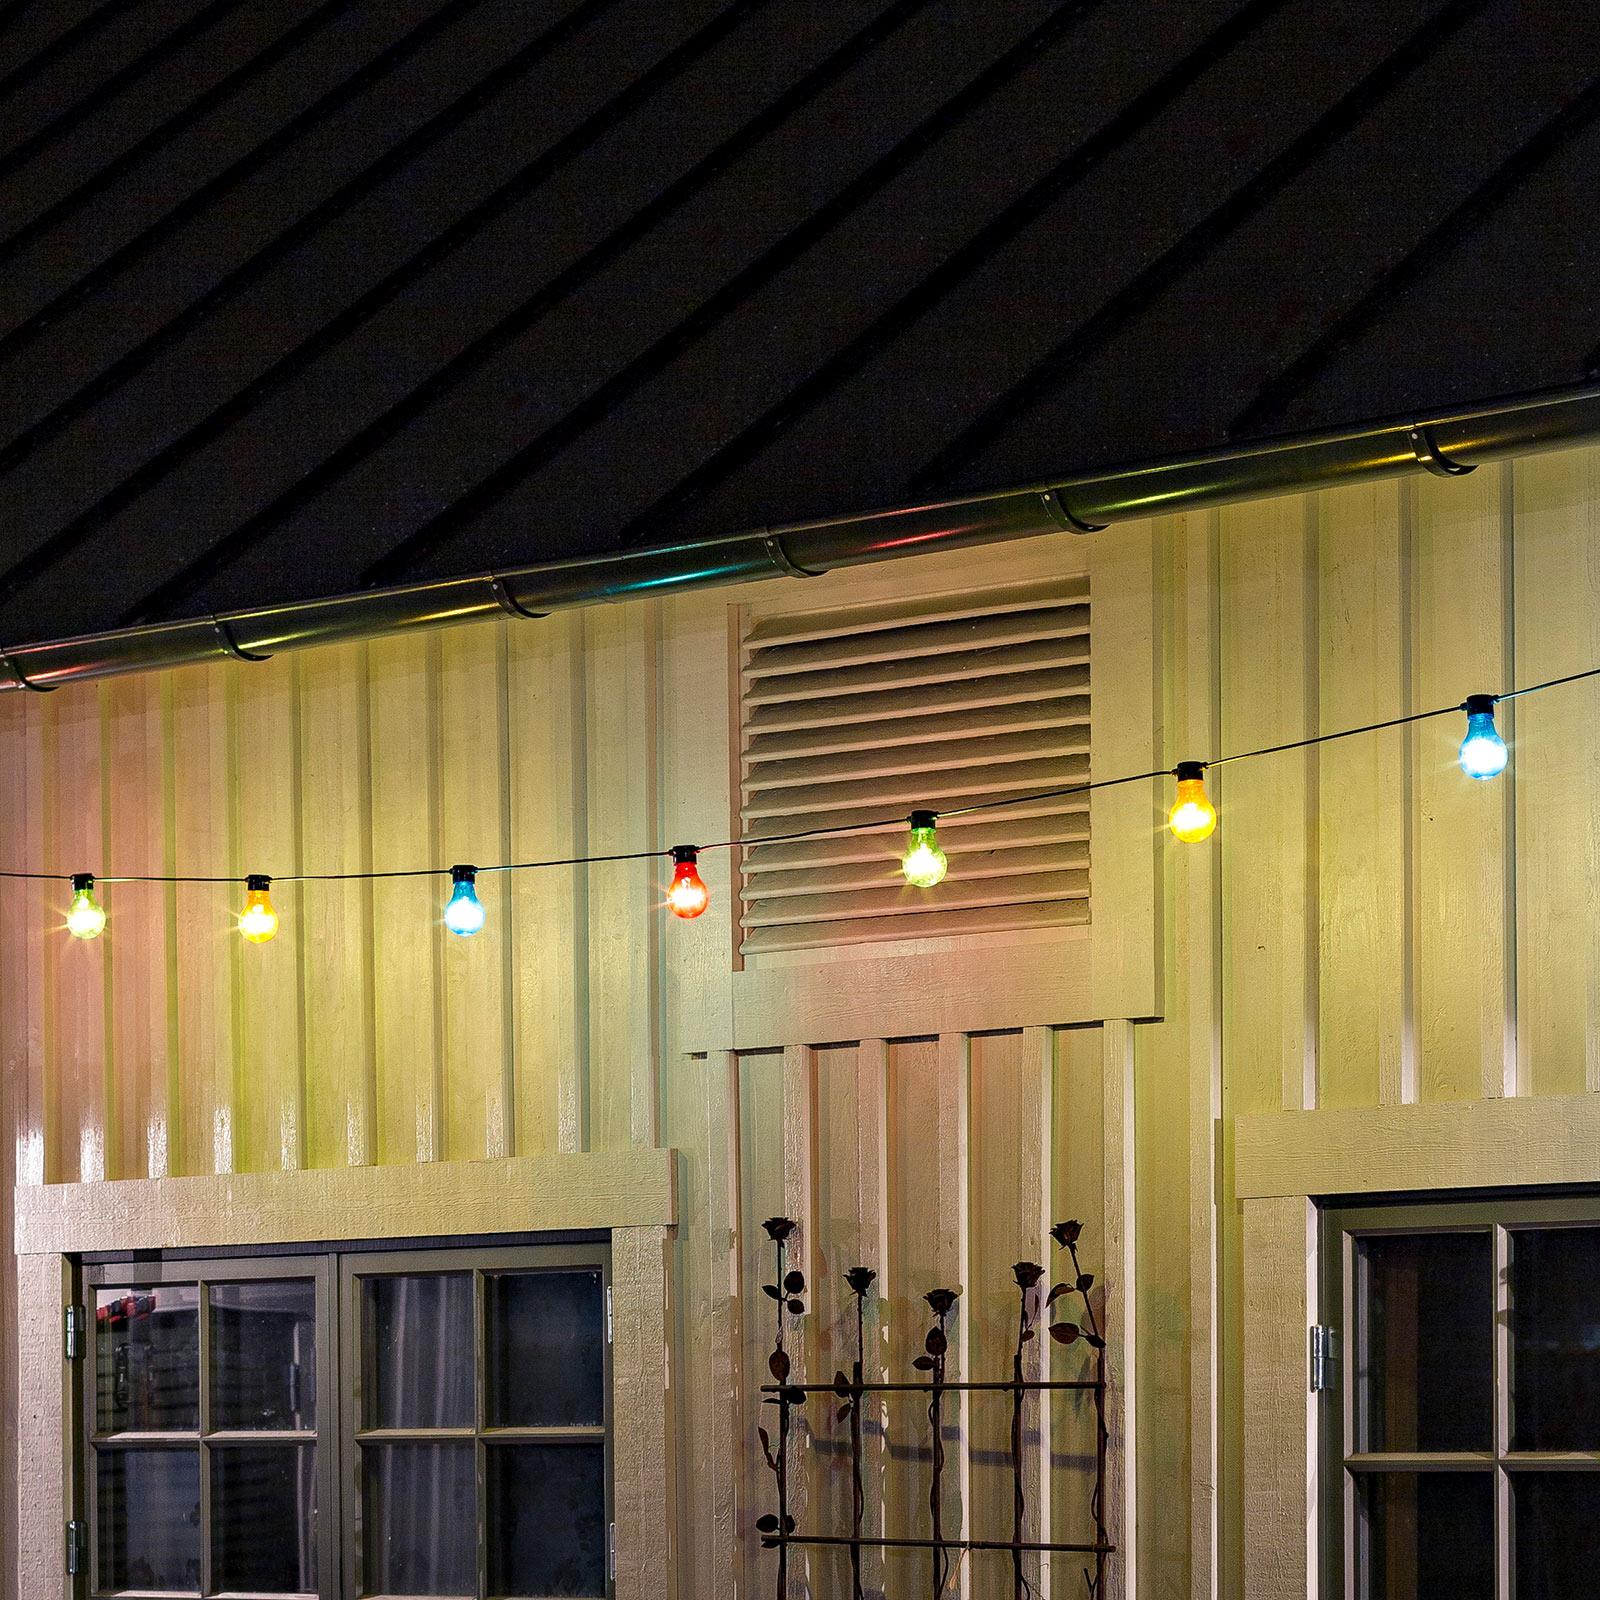 Lichterkette Biergarten 20 bunte LED-Birnen